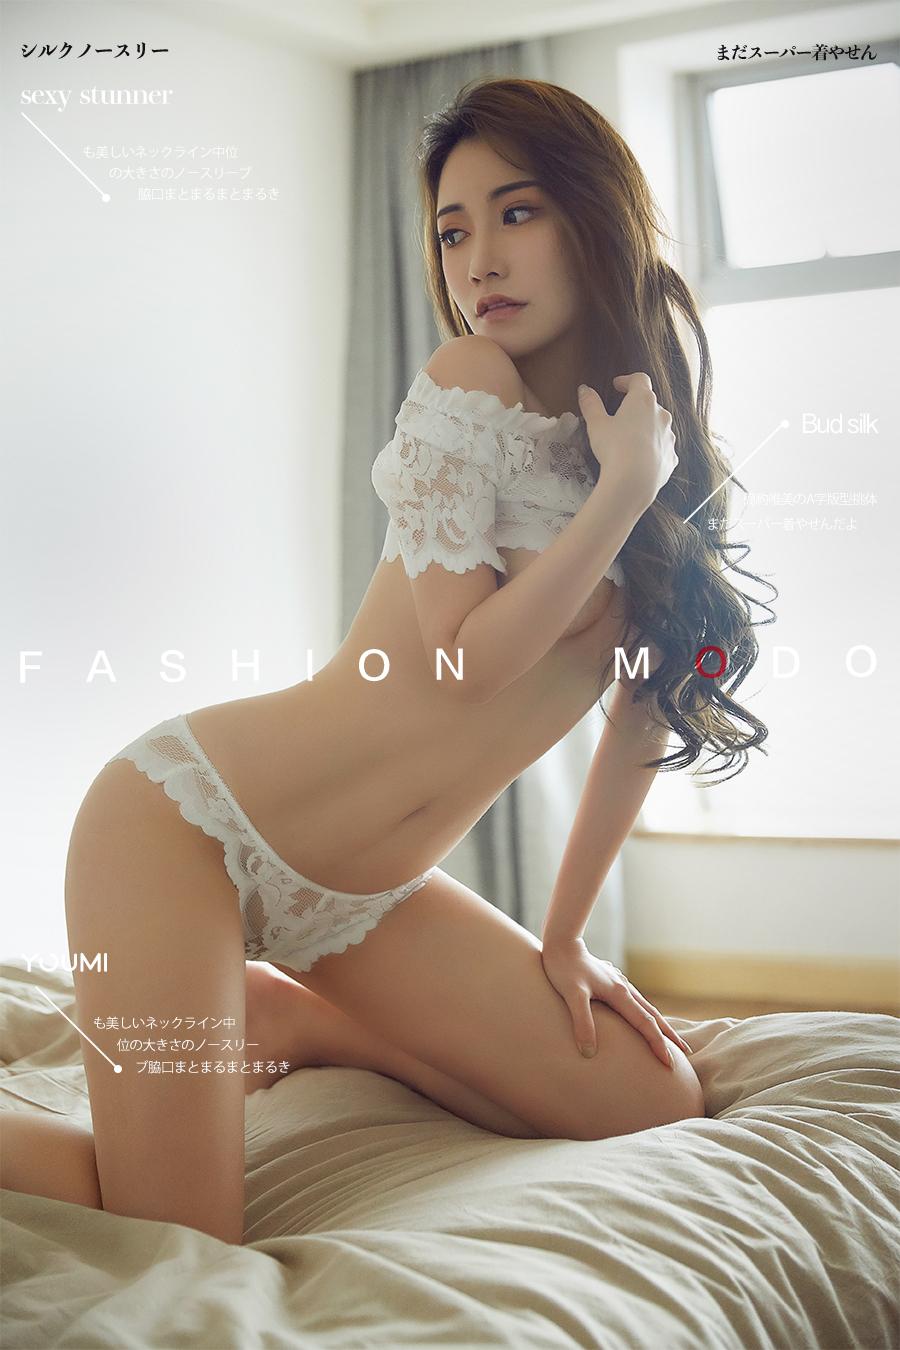 [YouMi尤蜜]2019.08.28 水波荡漾 夏玲蔓[/24MB]